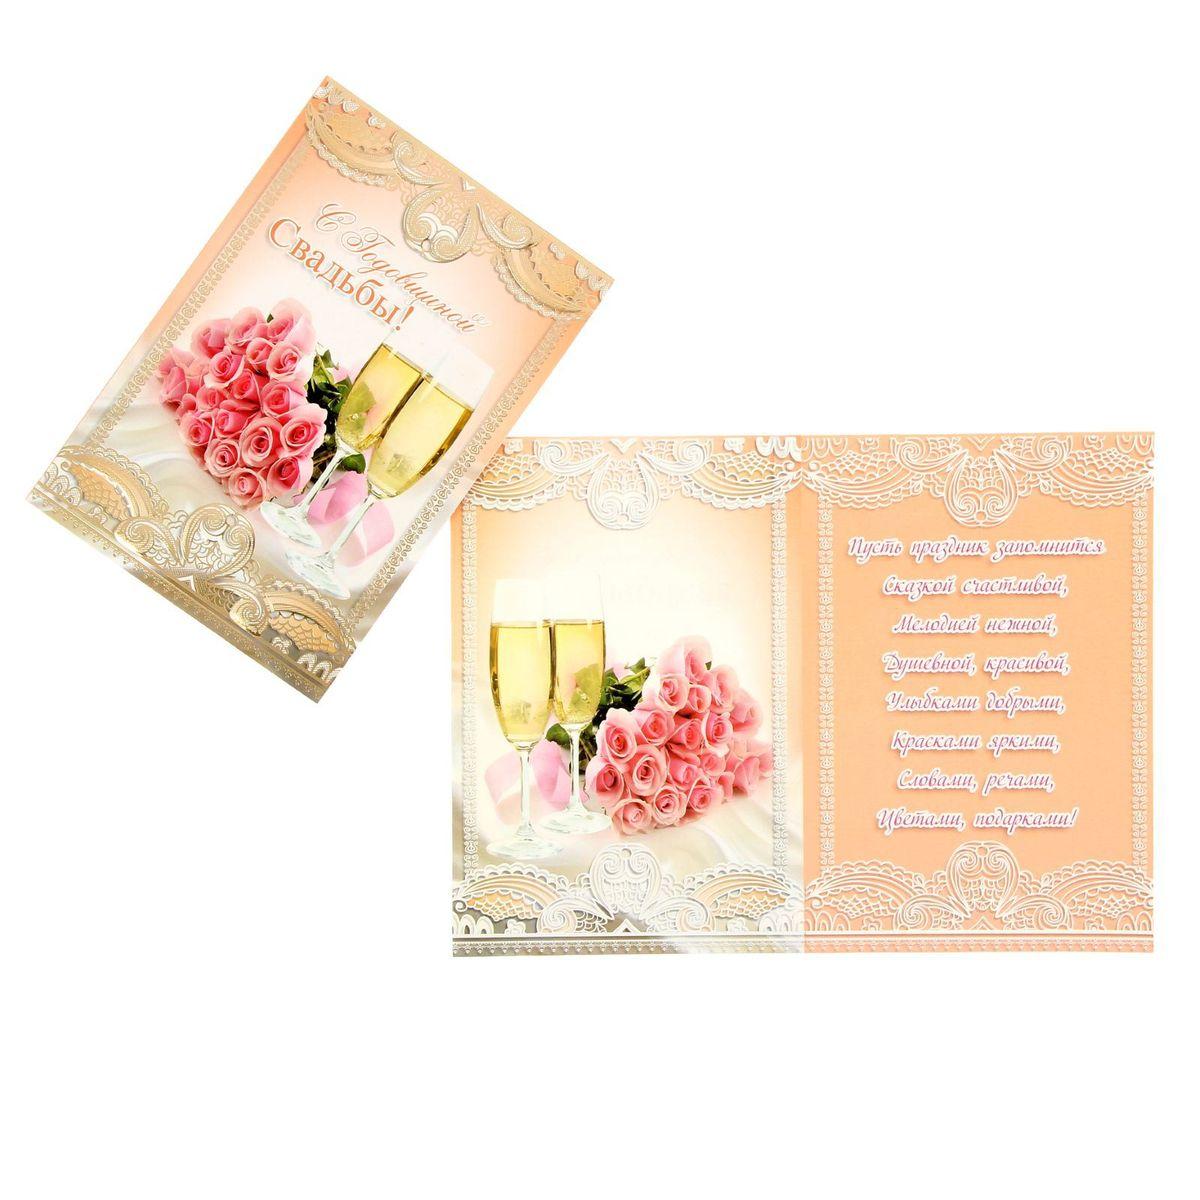 Открытка Sima-land С годовщиной свадьбы! Бокалы и розы1194662Если вы хотите порадовать себя или близких, создать праздничное настроение и с улыбкой провести памятный день, то вы, несомненно, сделали правильный выбор! Открытка Sima-land С годовщиной свадьбы! Бокалы и розы, выполненная из плотной бумаги, отличается не только оригинальным дизайном, но и высоким качеством.Лицевая сторона изделия оформлена ярким изображением. Внутри открытка содержит текст с поздравлением.Такая открытка непременно порадует получателя и станет отличным напоминанием о проведенном вместе времени.